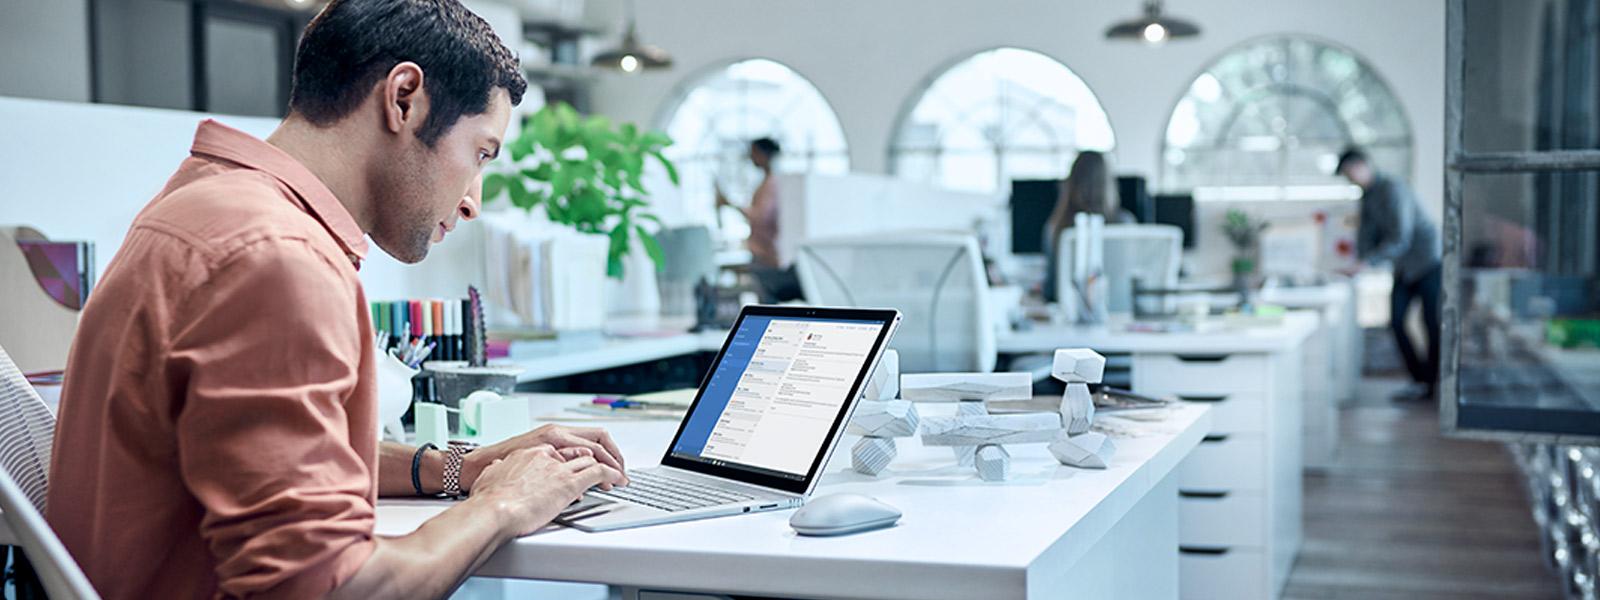 Homme travaillant sur un Surface Book.